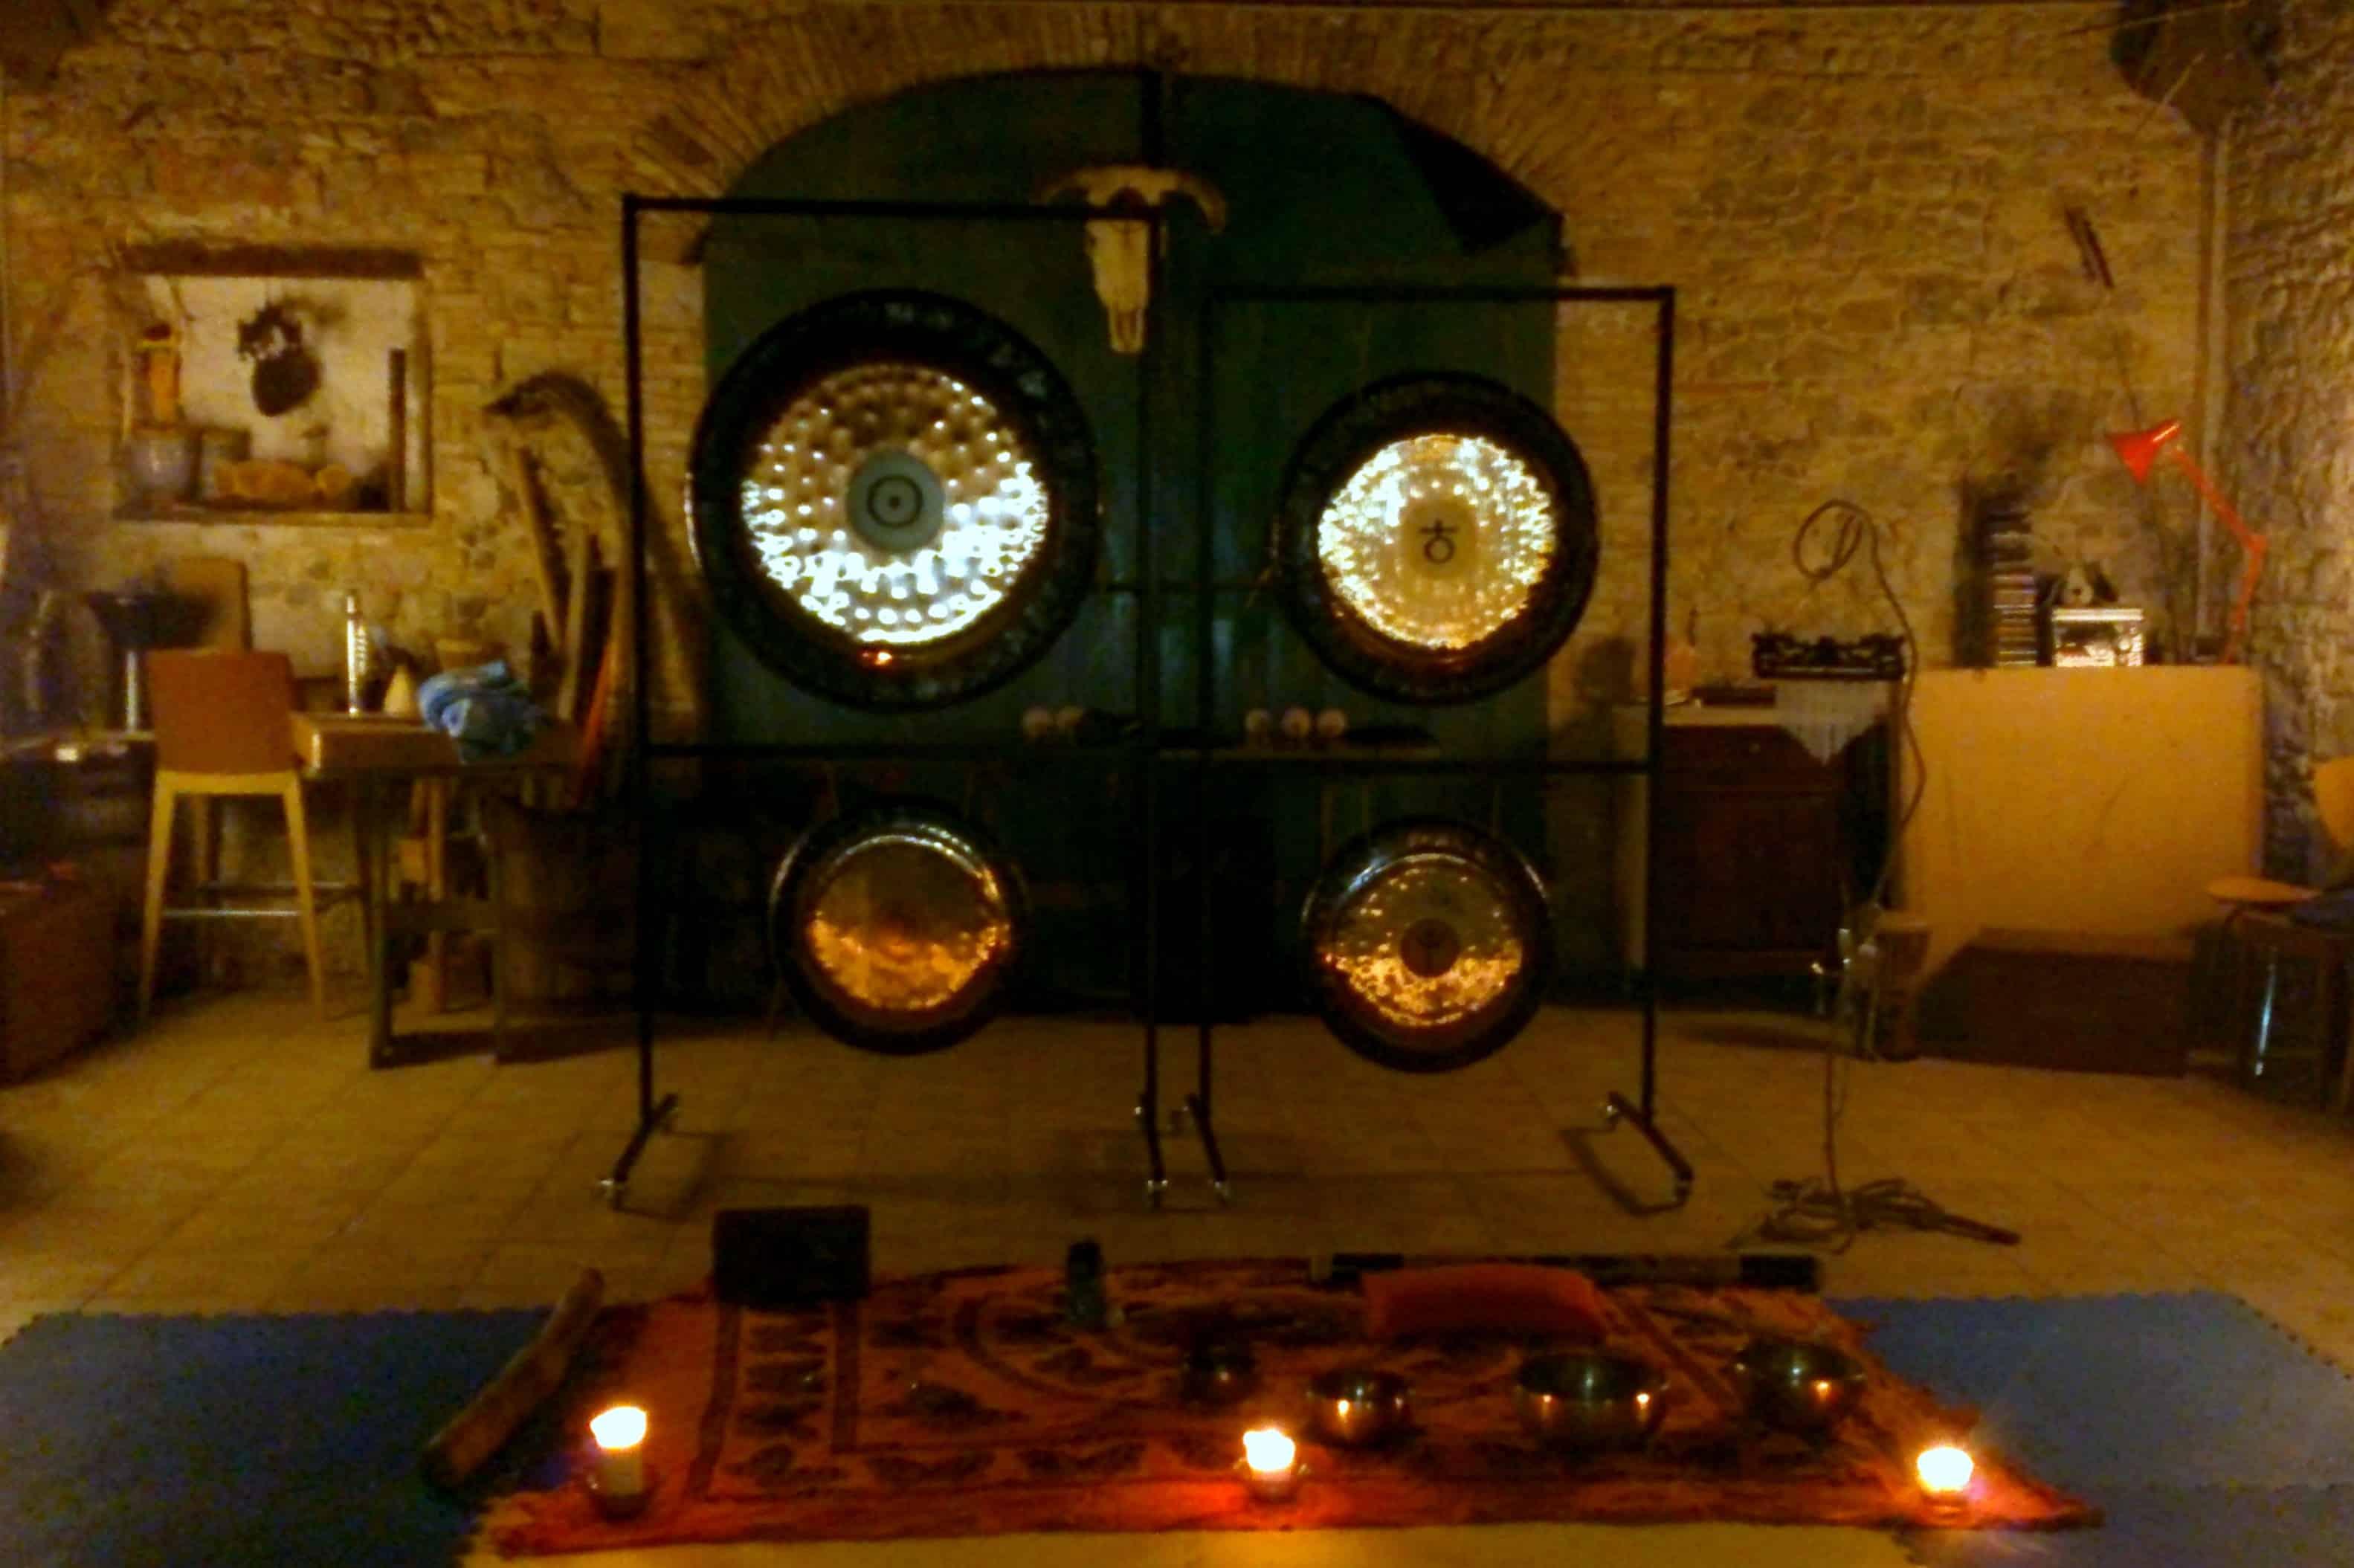 Il bagno di gong un viaggio interiore a passeggio - Bagno di gong effetti negativi ...